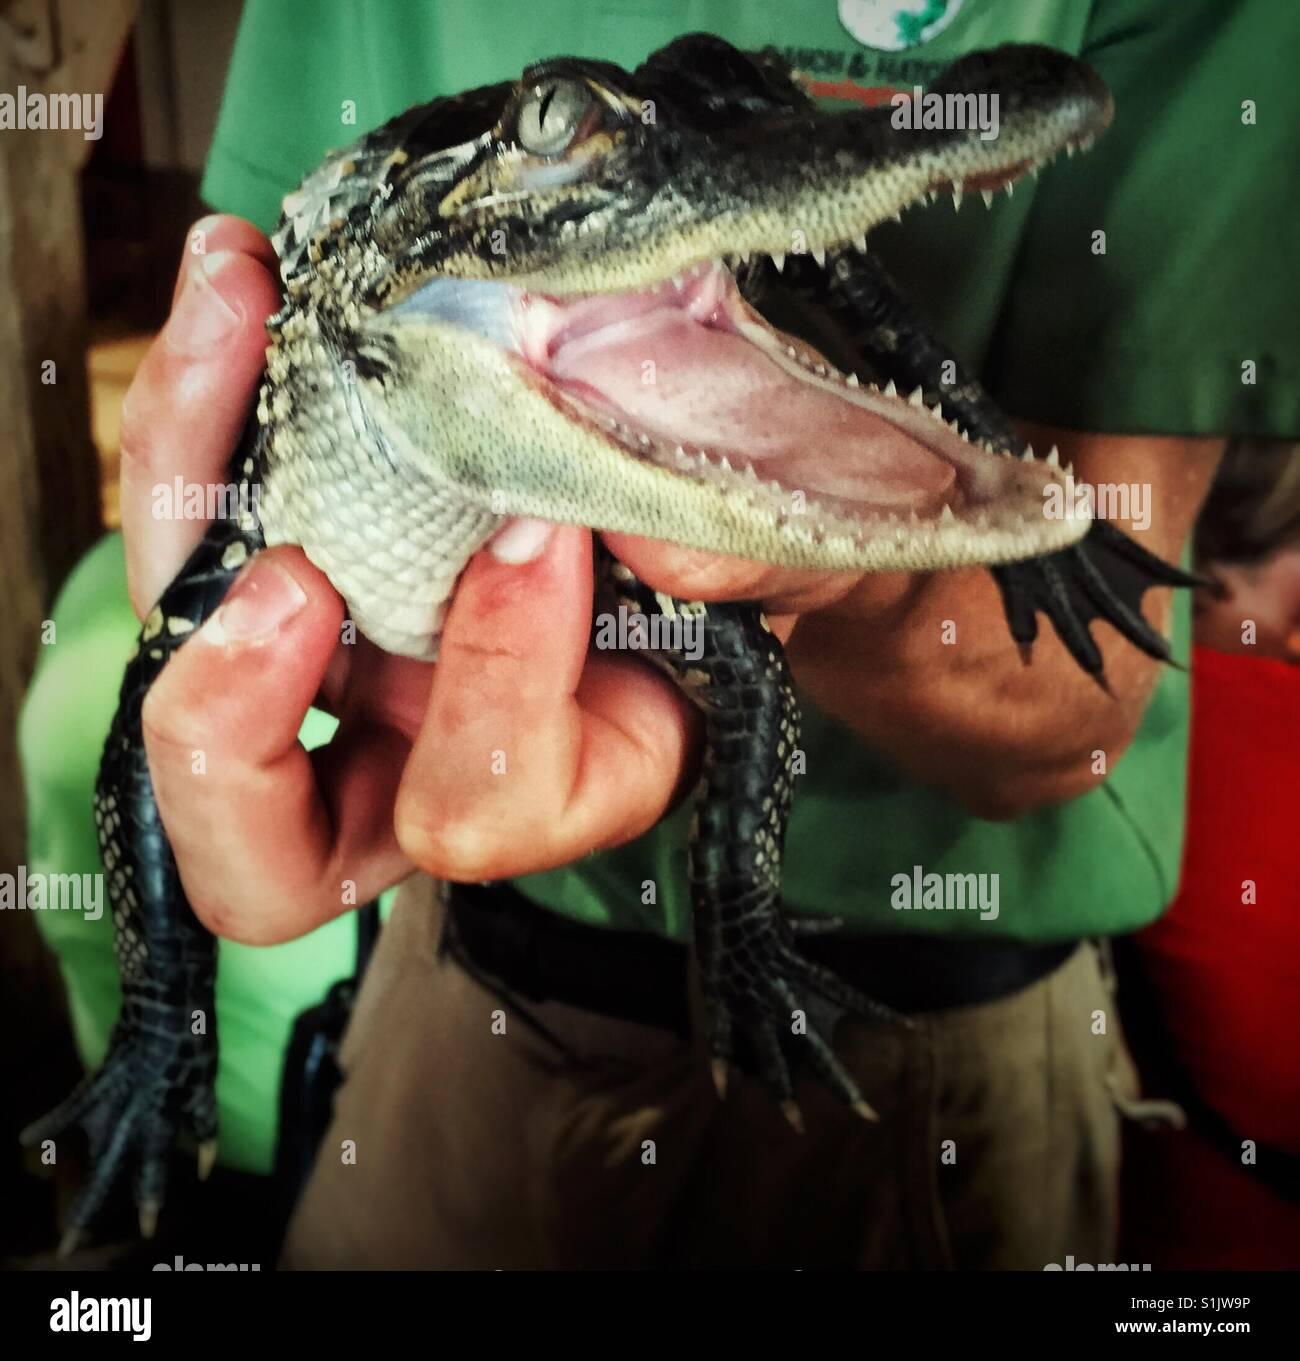 Mann, der 9 Monate alten Alligator in seiner Hand hält Stockbild